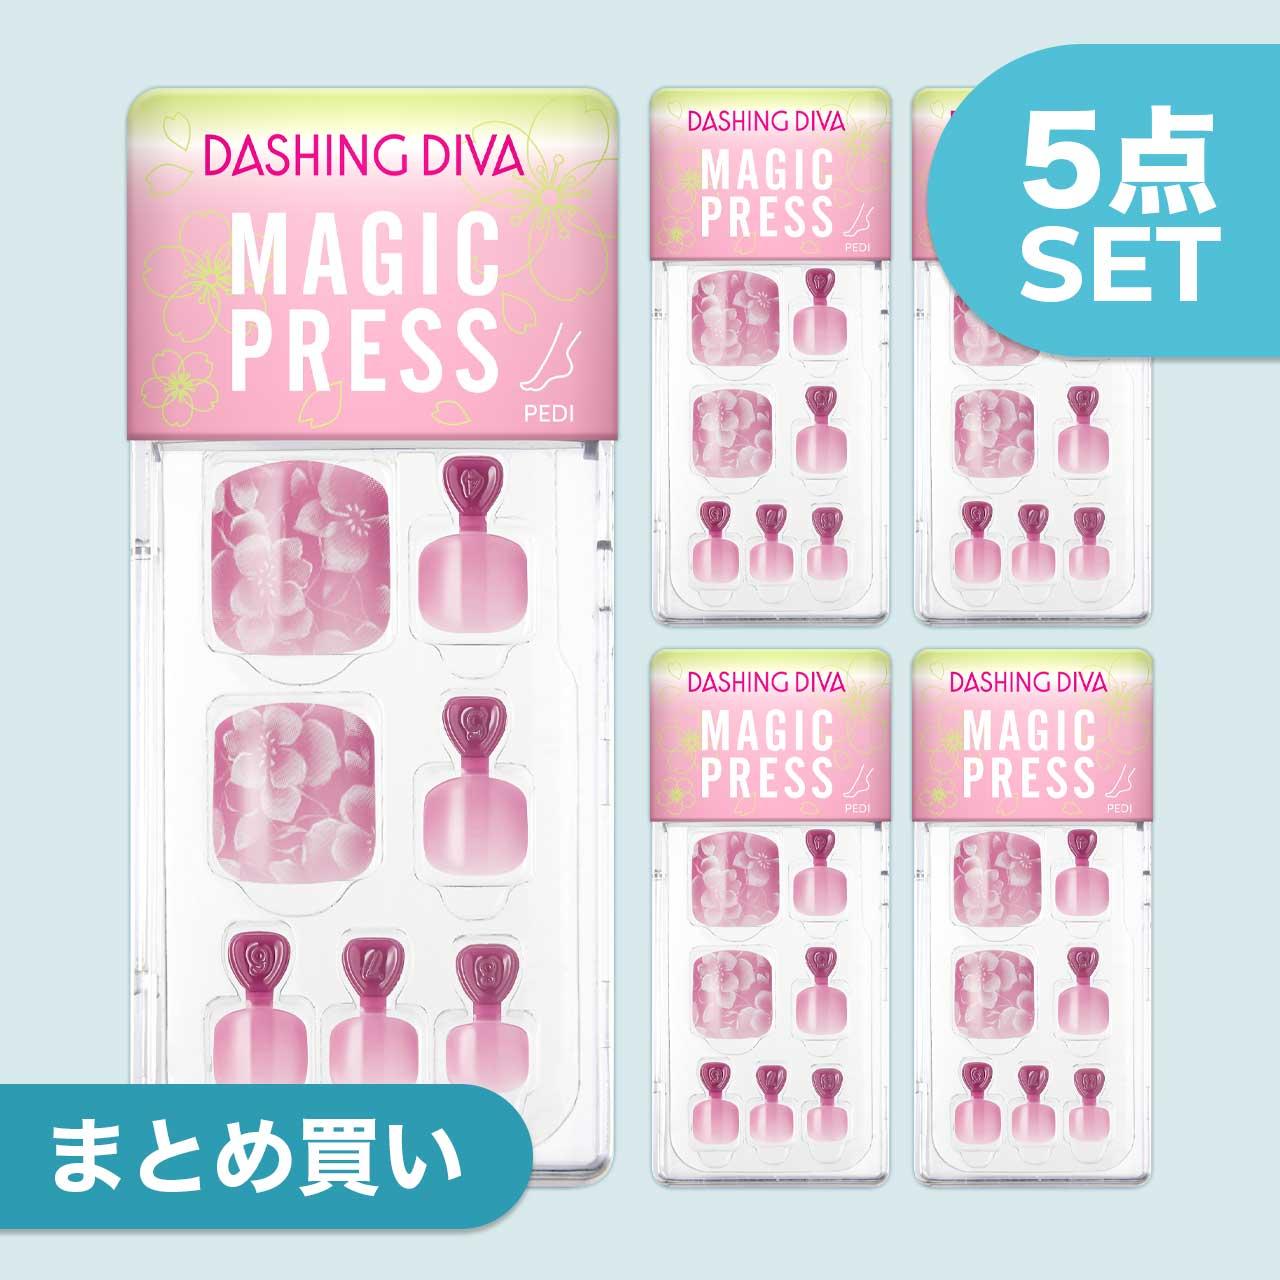 【Rose Syrup】ダッシングディバマジックプレス ペディ【5個セット】